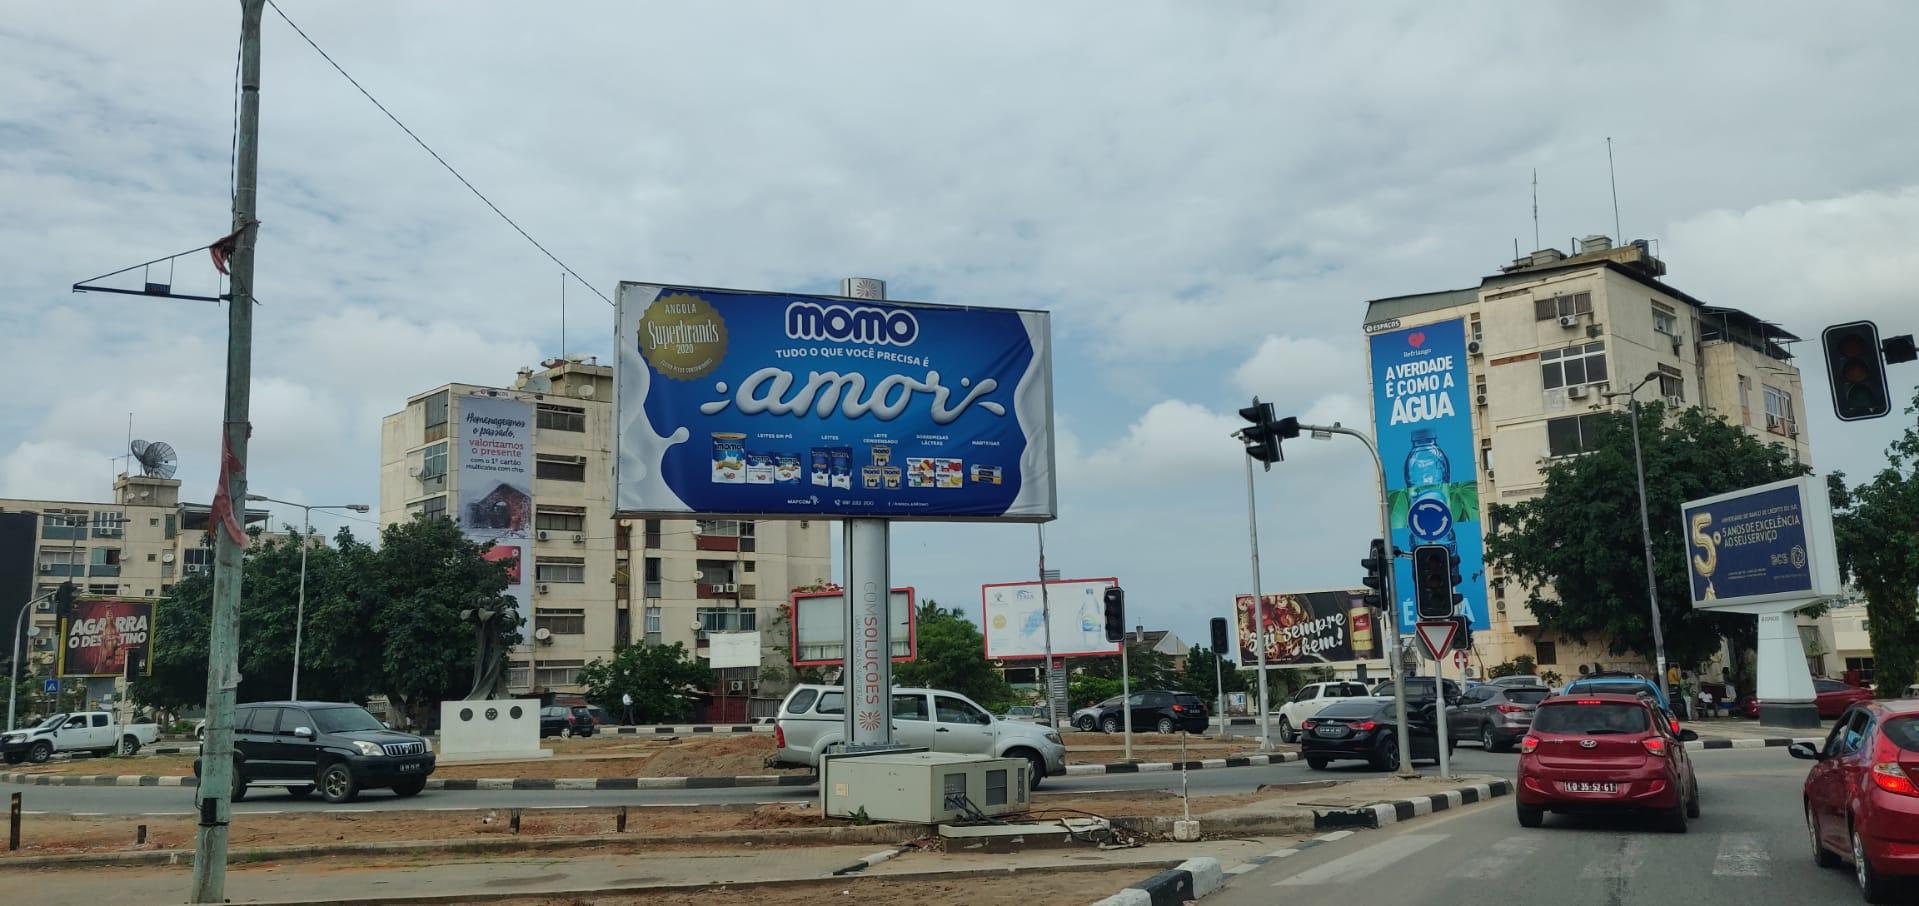 Angola Billboard 2020